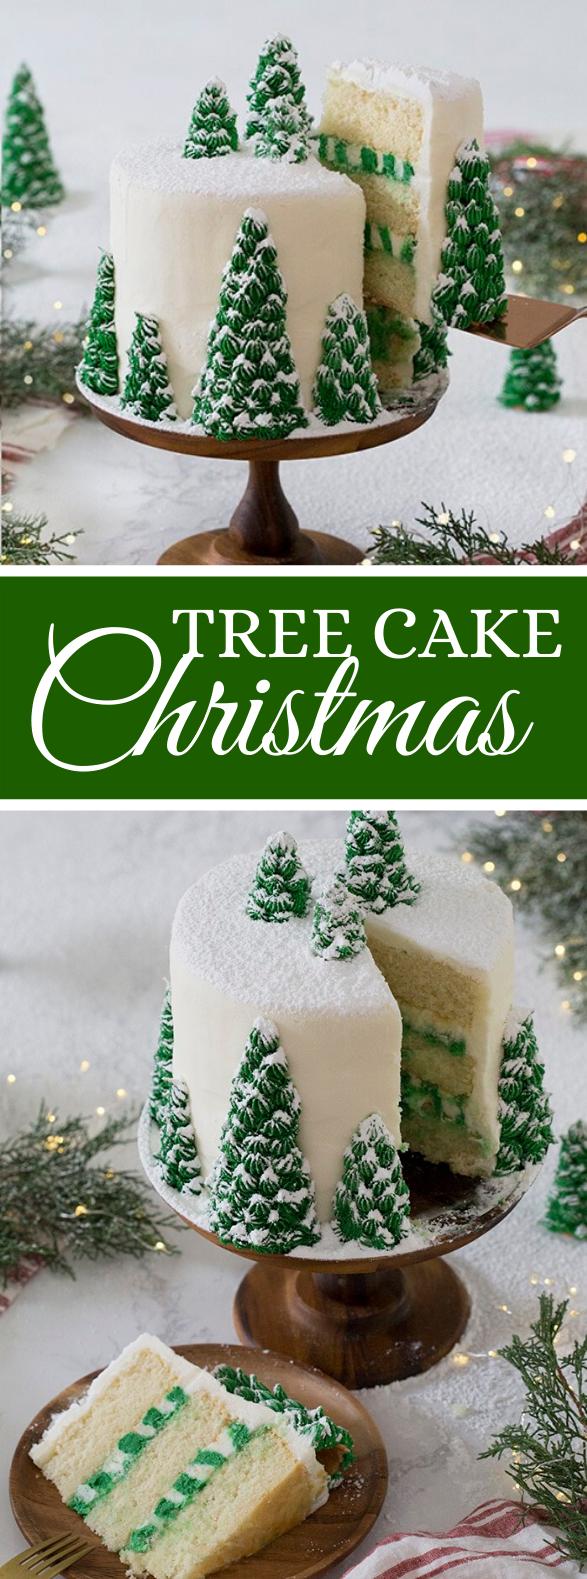 Christmas Tree Cake #desserts #partycake